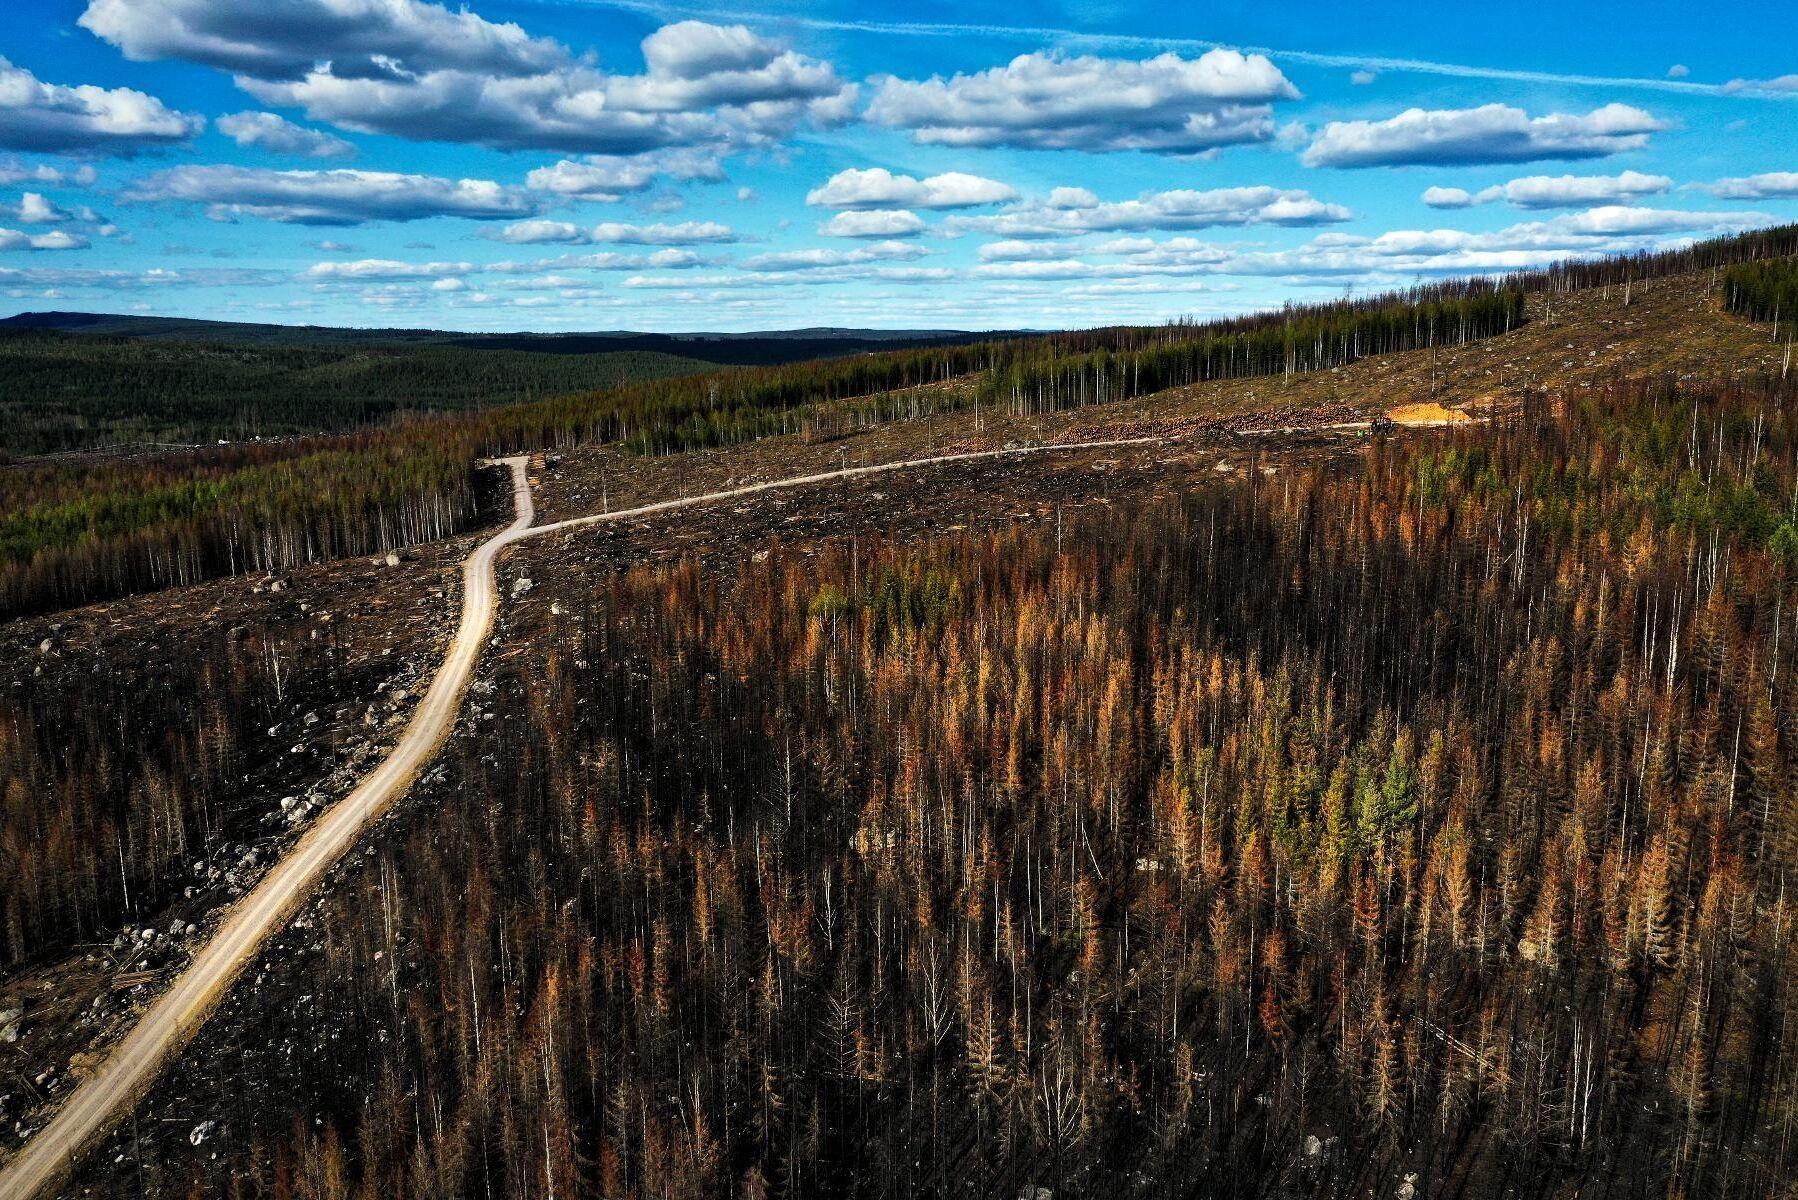 Arealen av formellt skyddad skogsmark i Sverige ökar. Arkivbild.